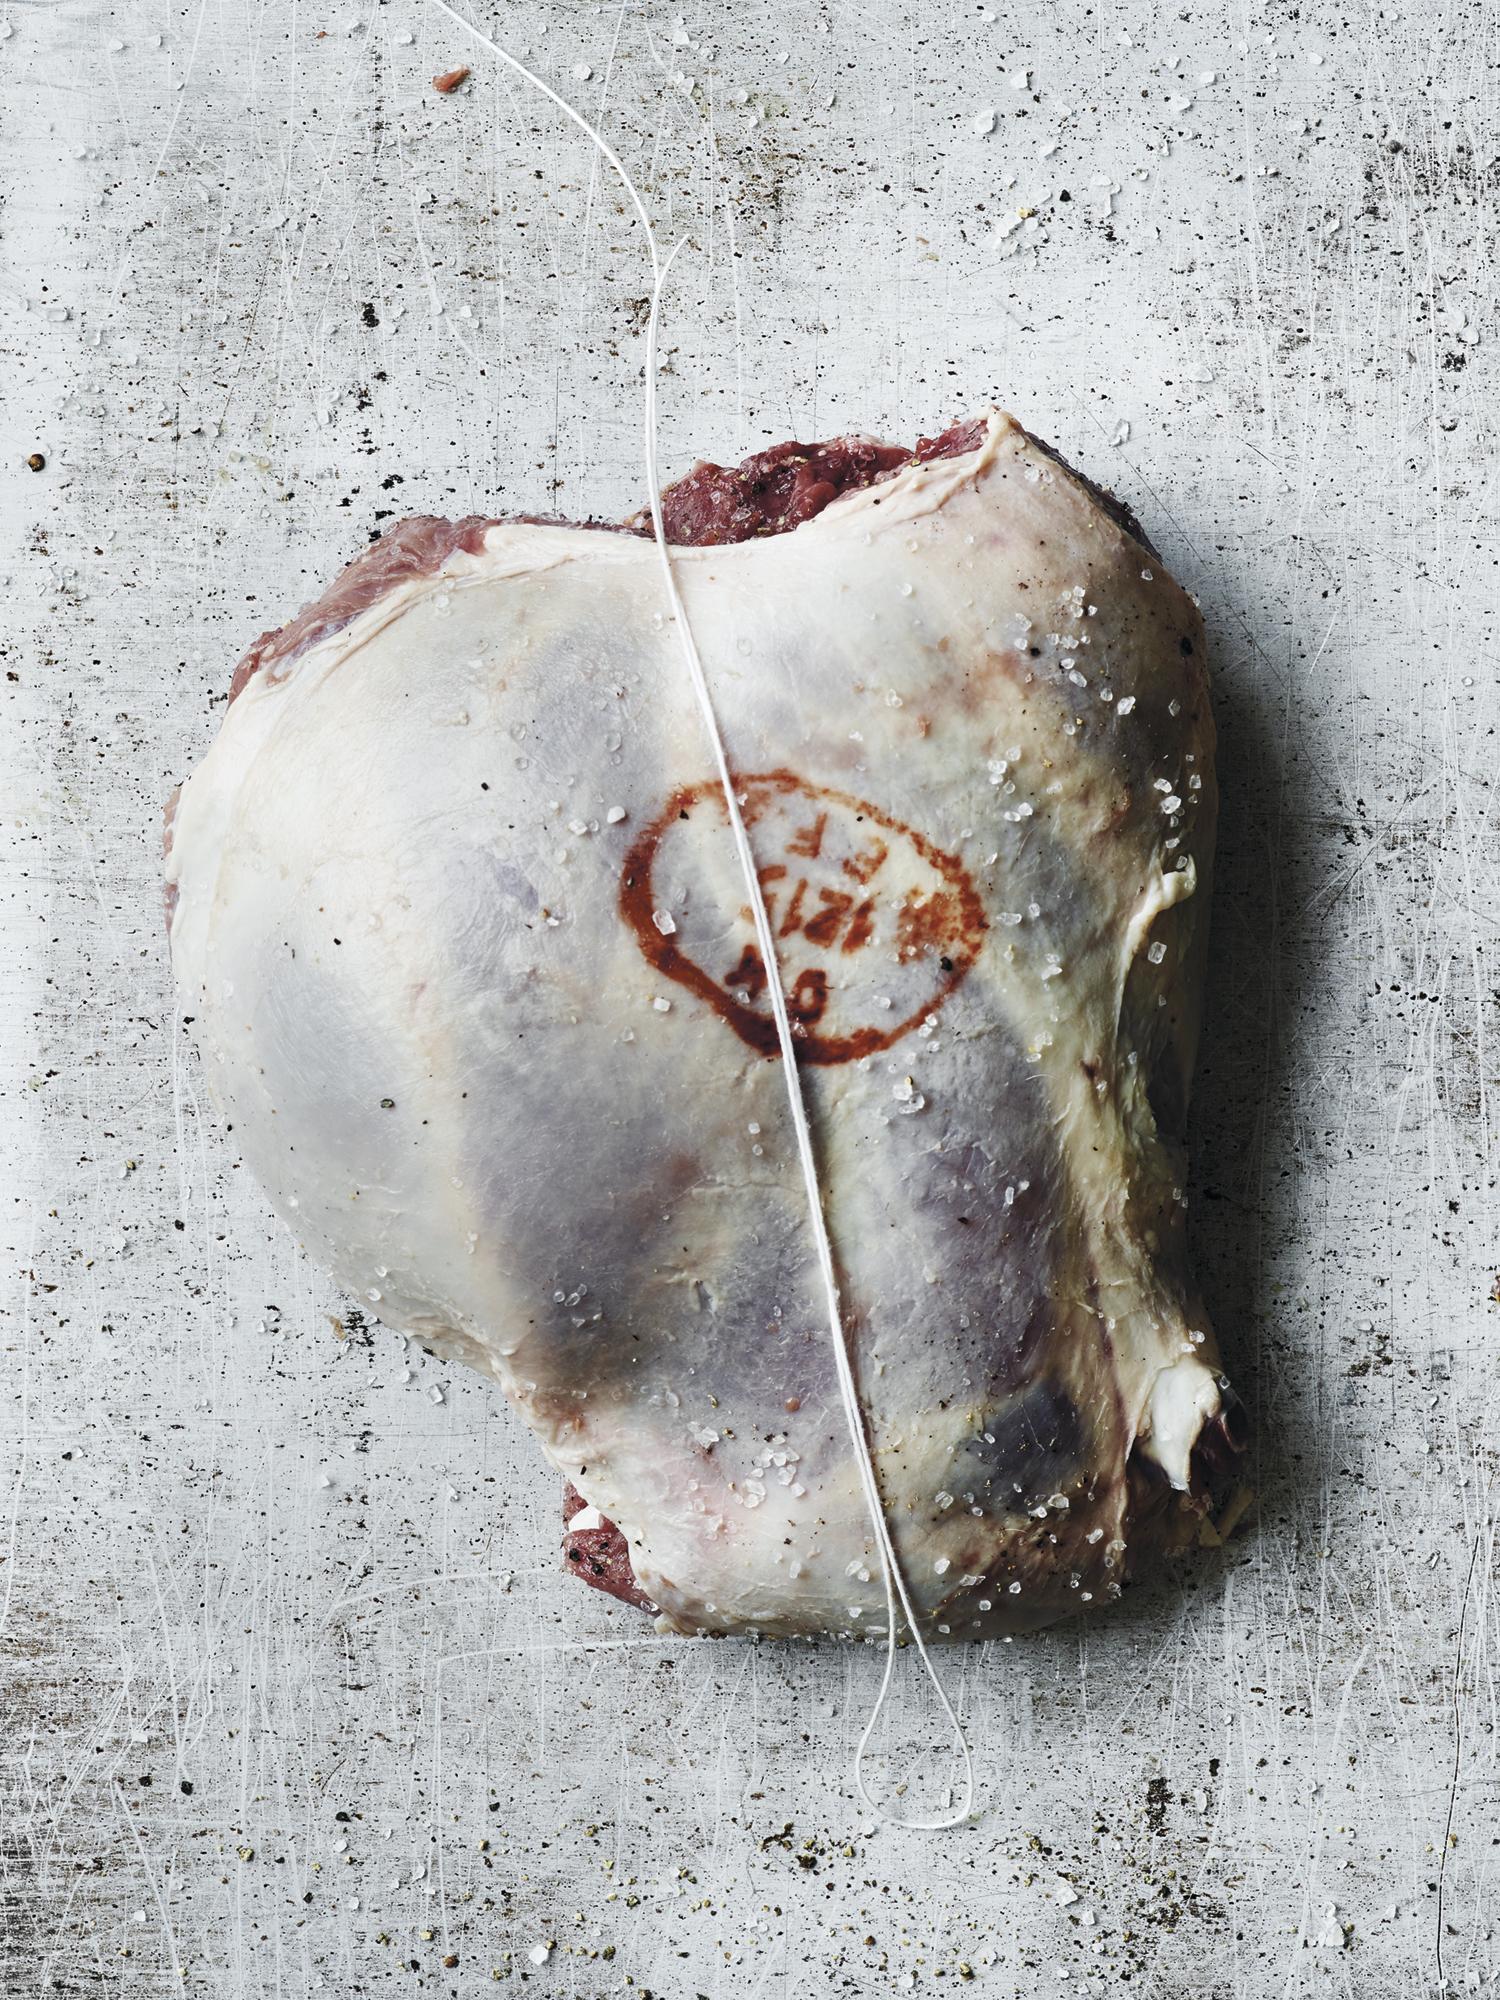 5. Fold sammen steika så den ser ut som da det var bein i den, og lag en løkke av hyssing.